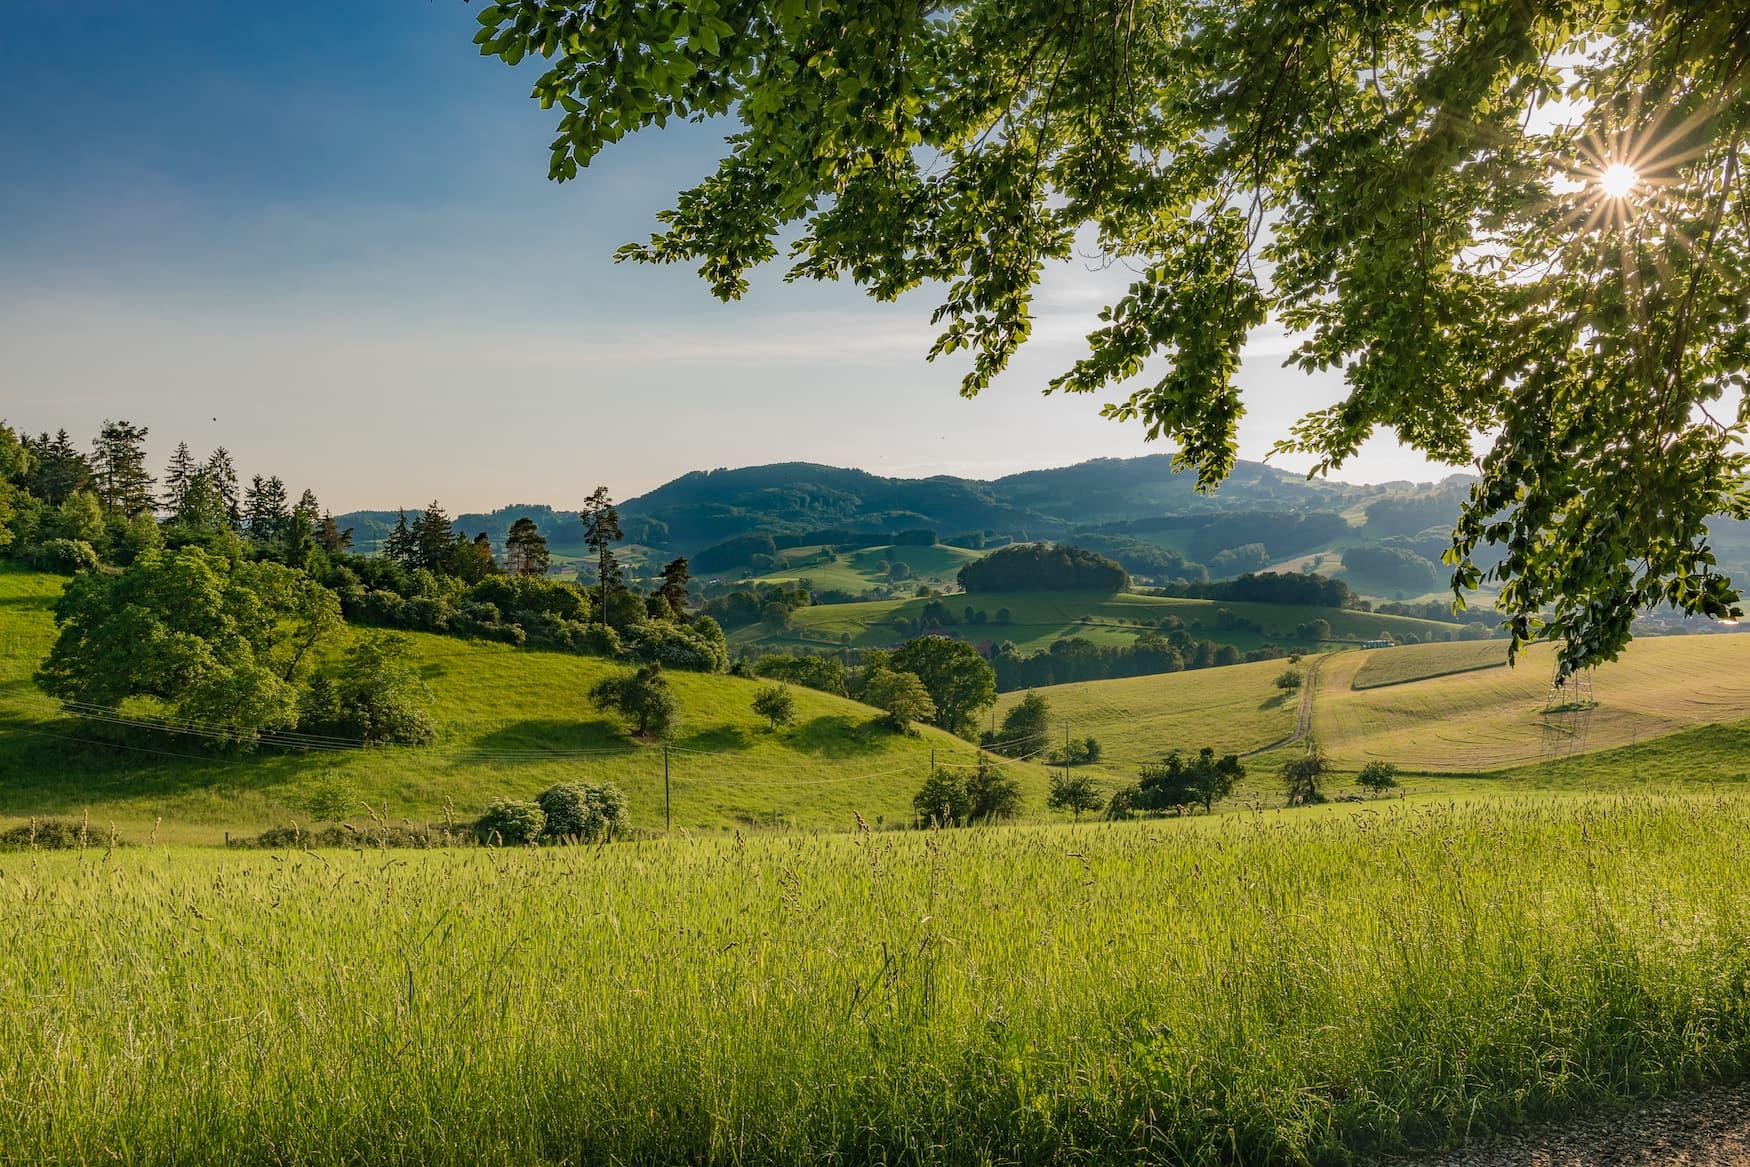 Blick auf einen Landschaftsabschnitt im Odenwald